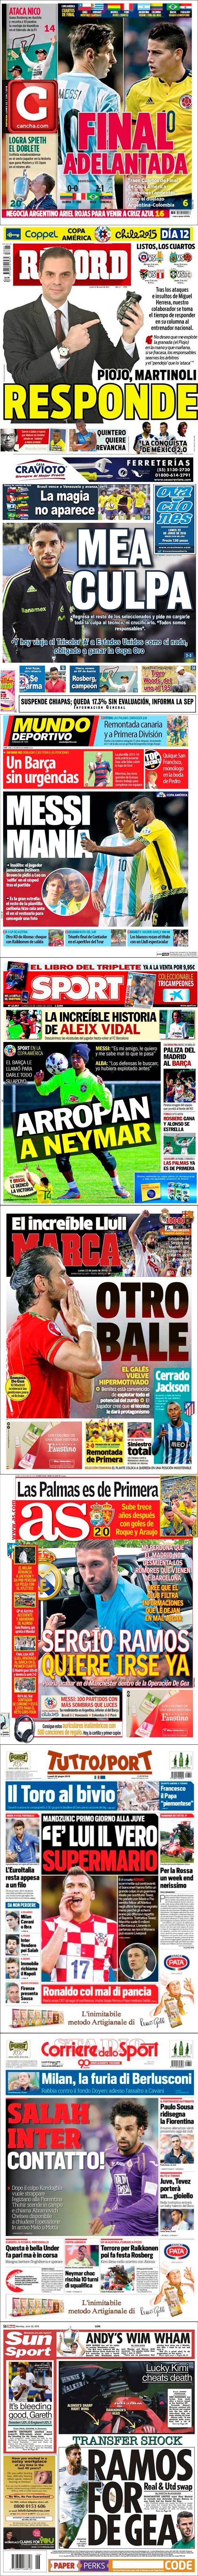 La prensa deportiva más importante del 22 de junio de 2015.